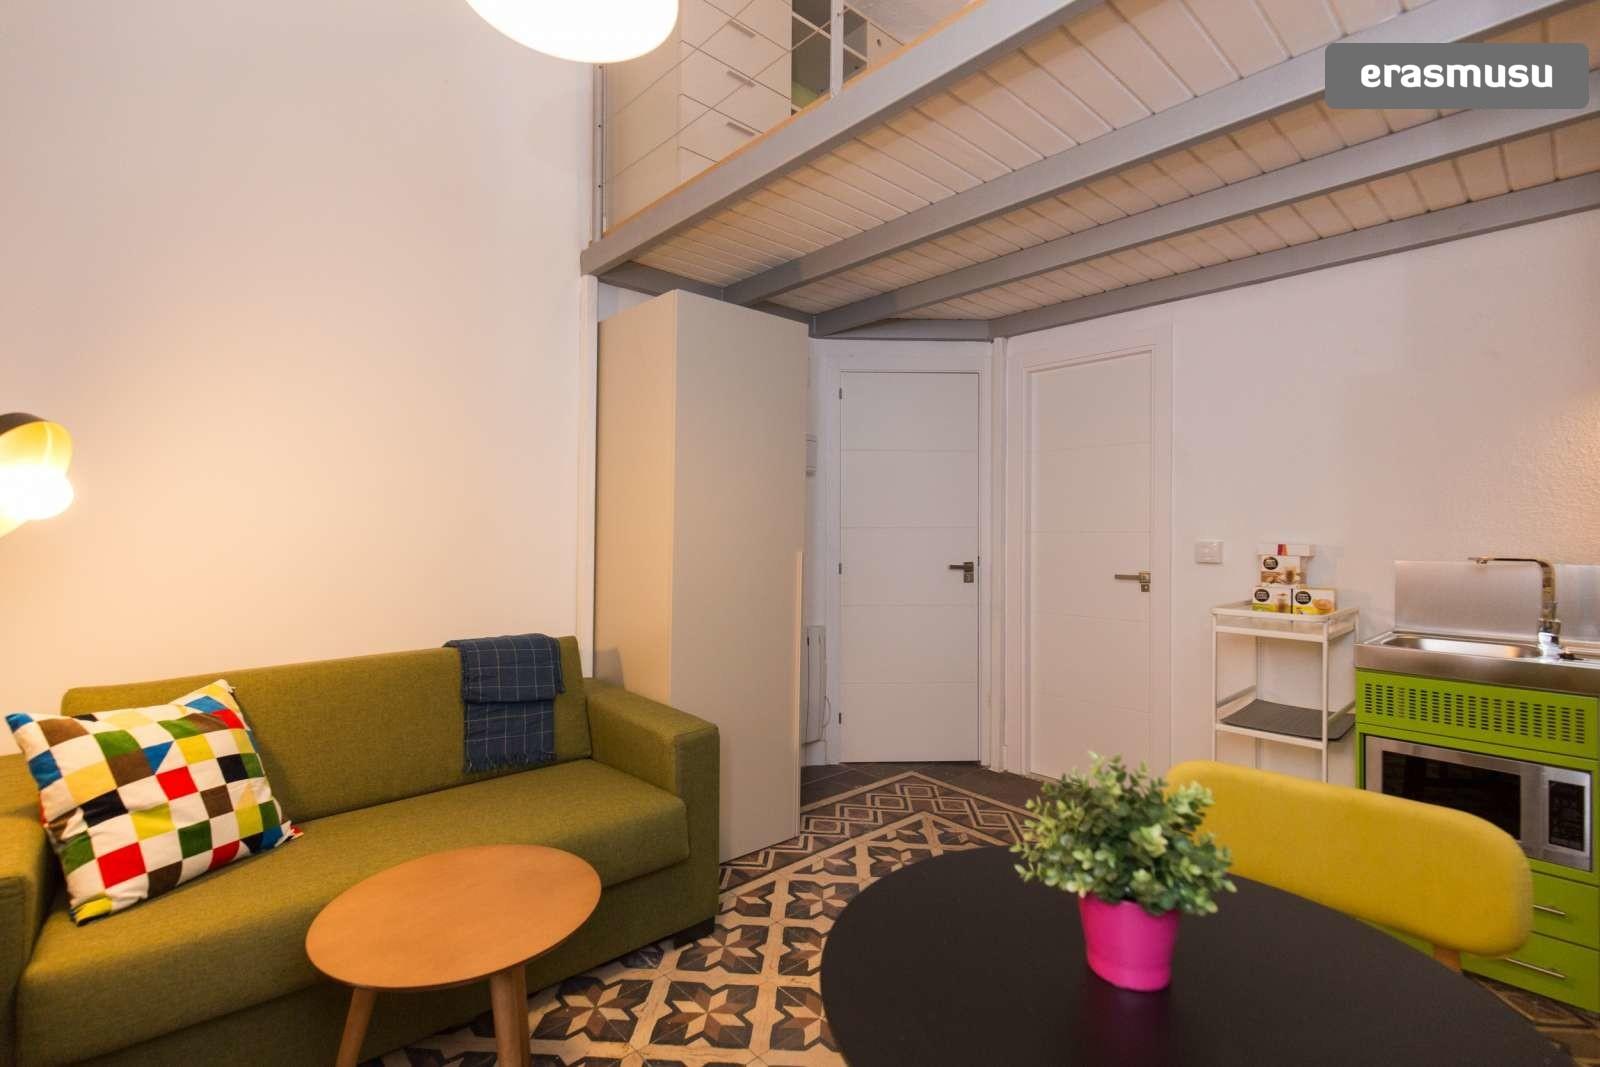 colourful-studio-apartment-rent-city-centre-b6dba7697fd181e85316